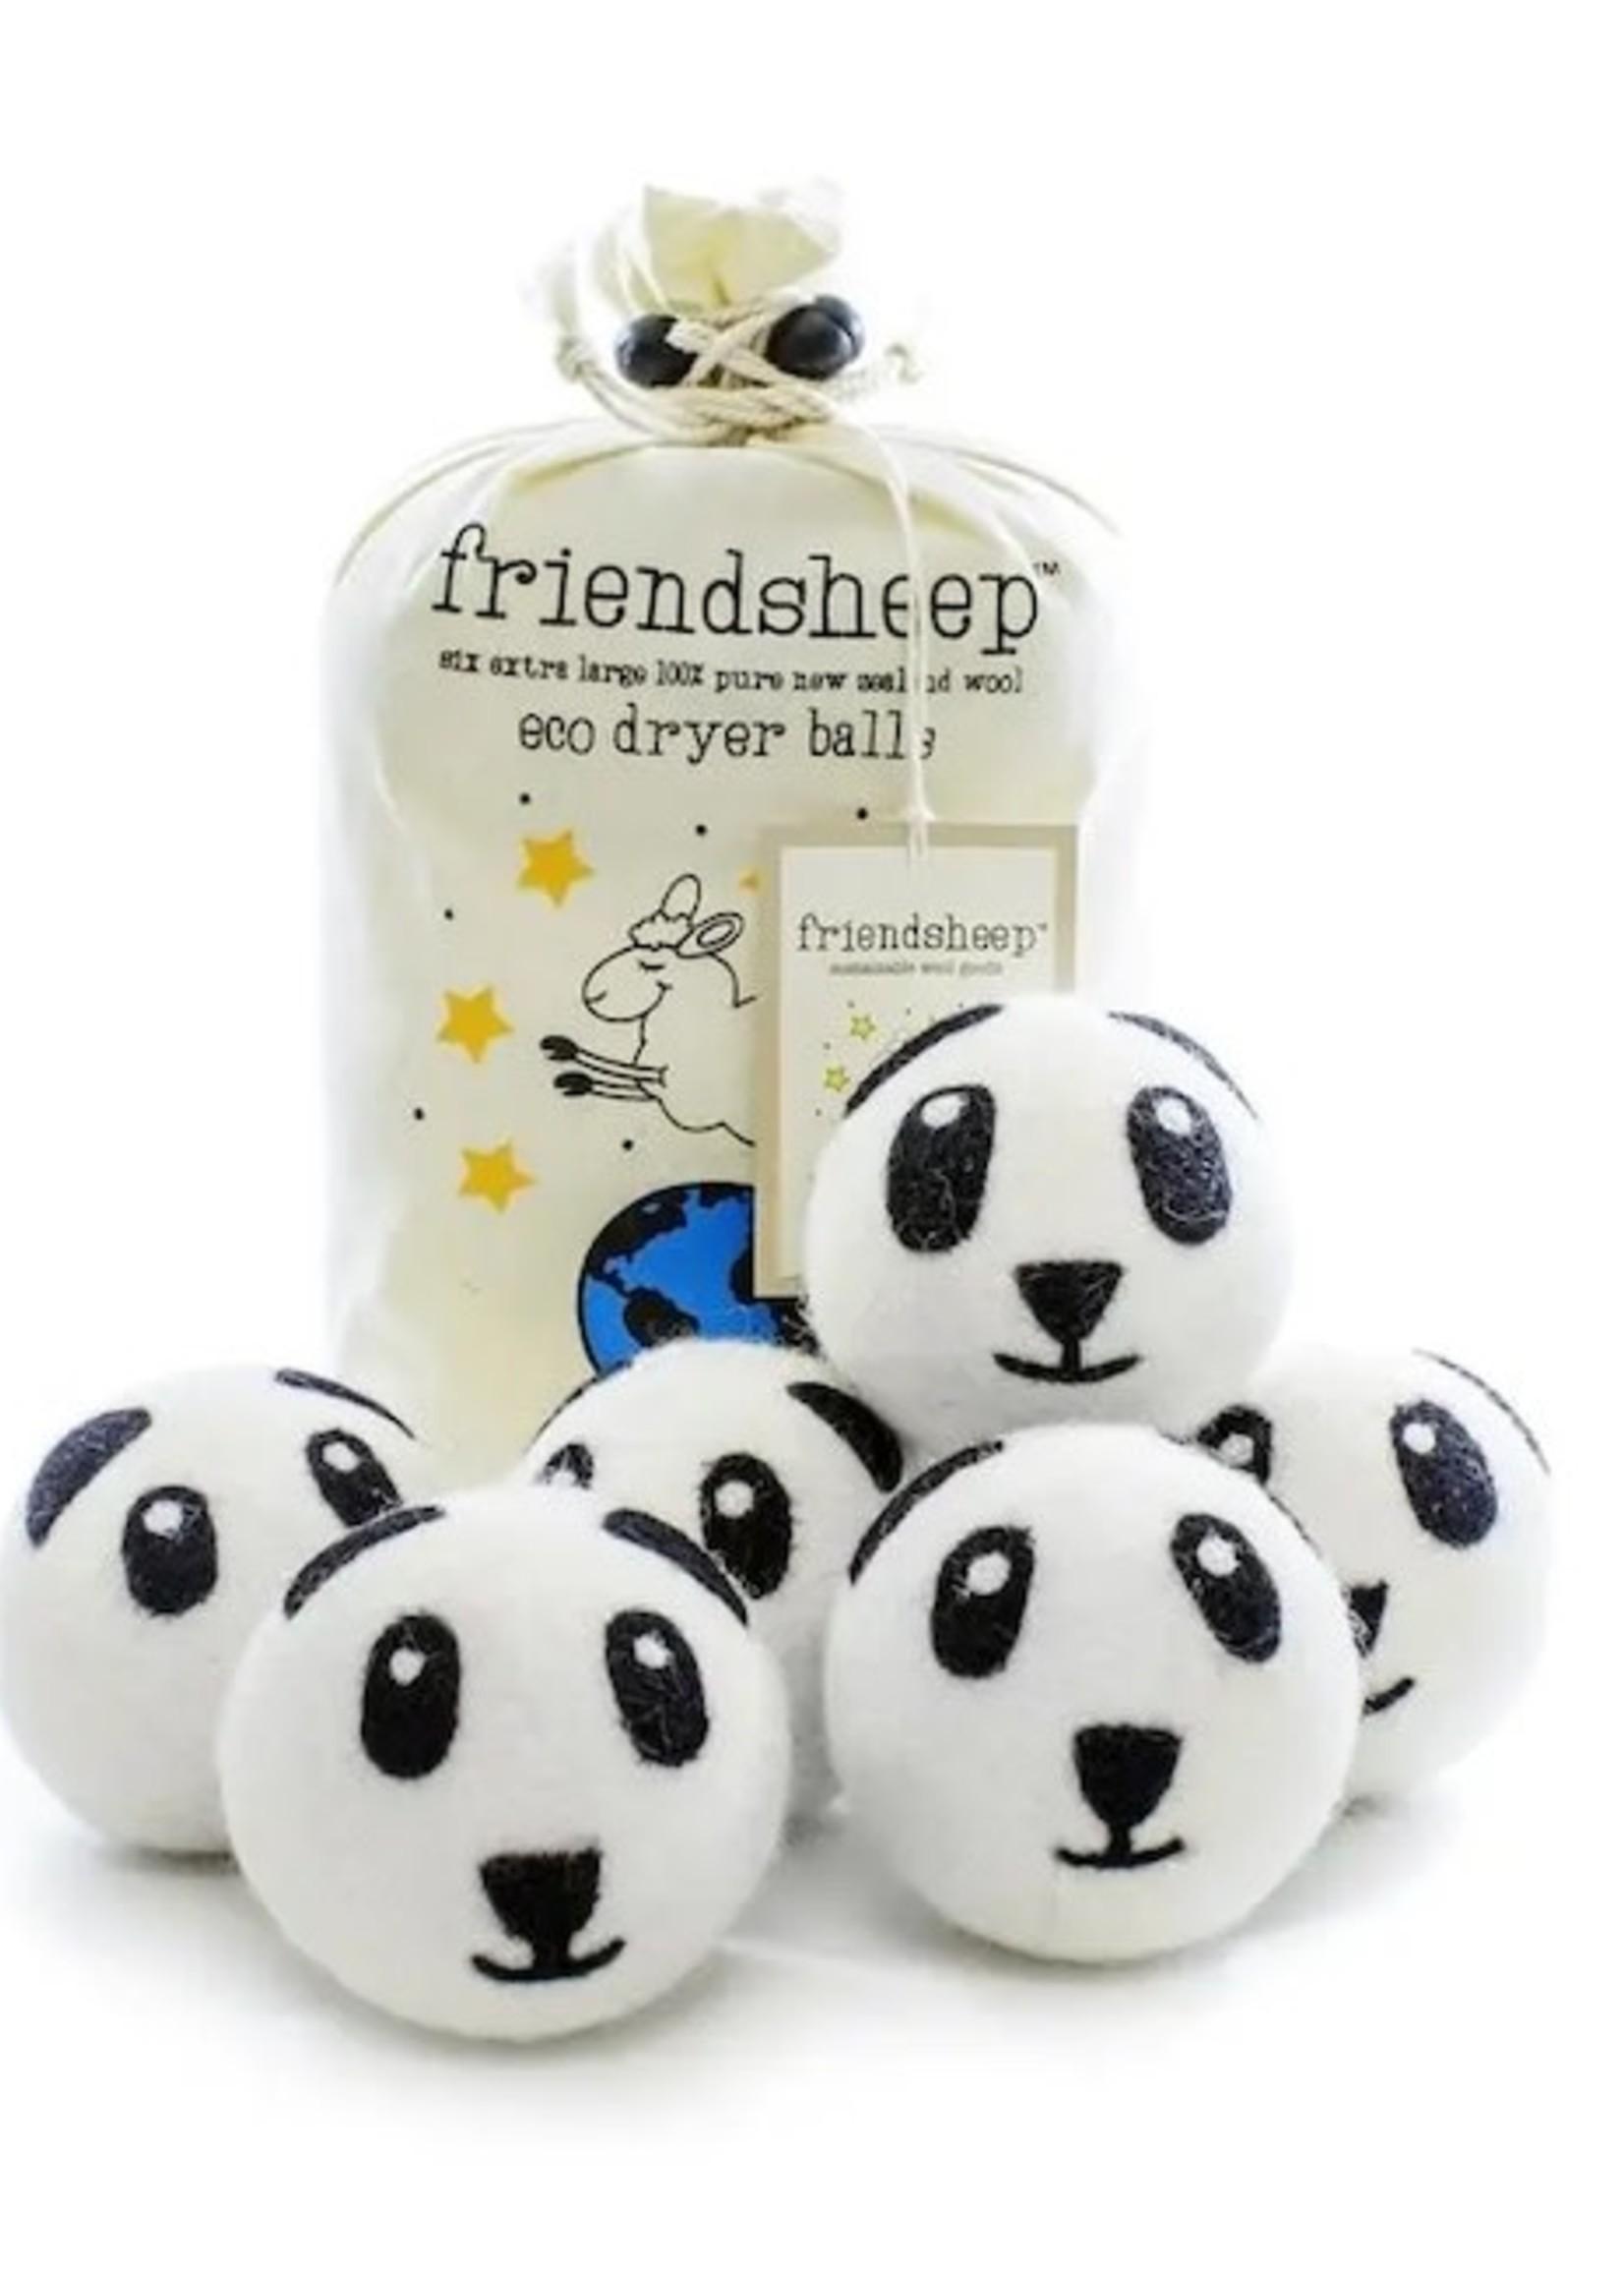 Friendsheep Panda 6-Pack Dryer Balls